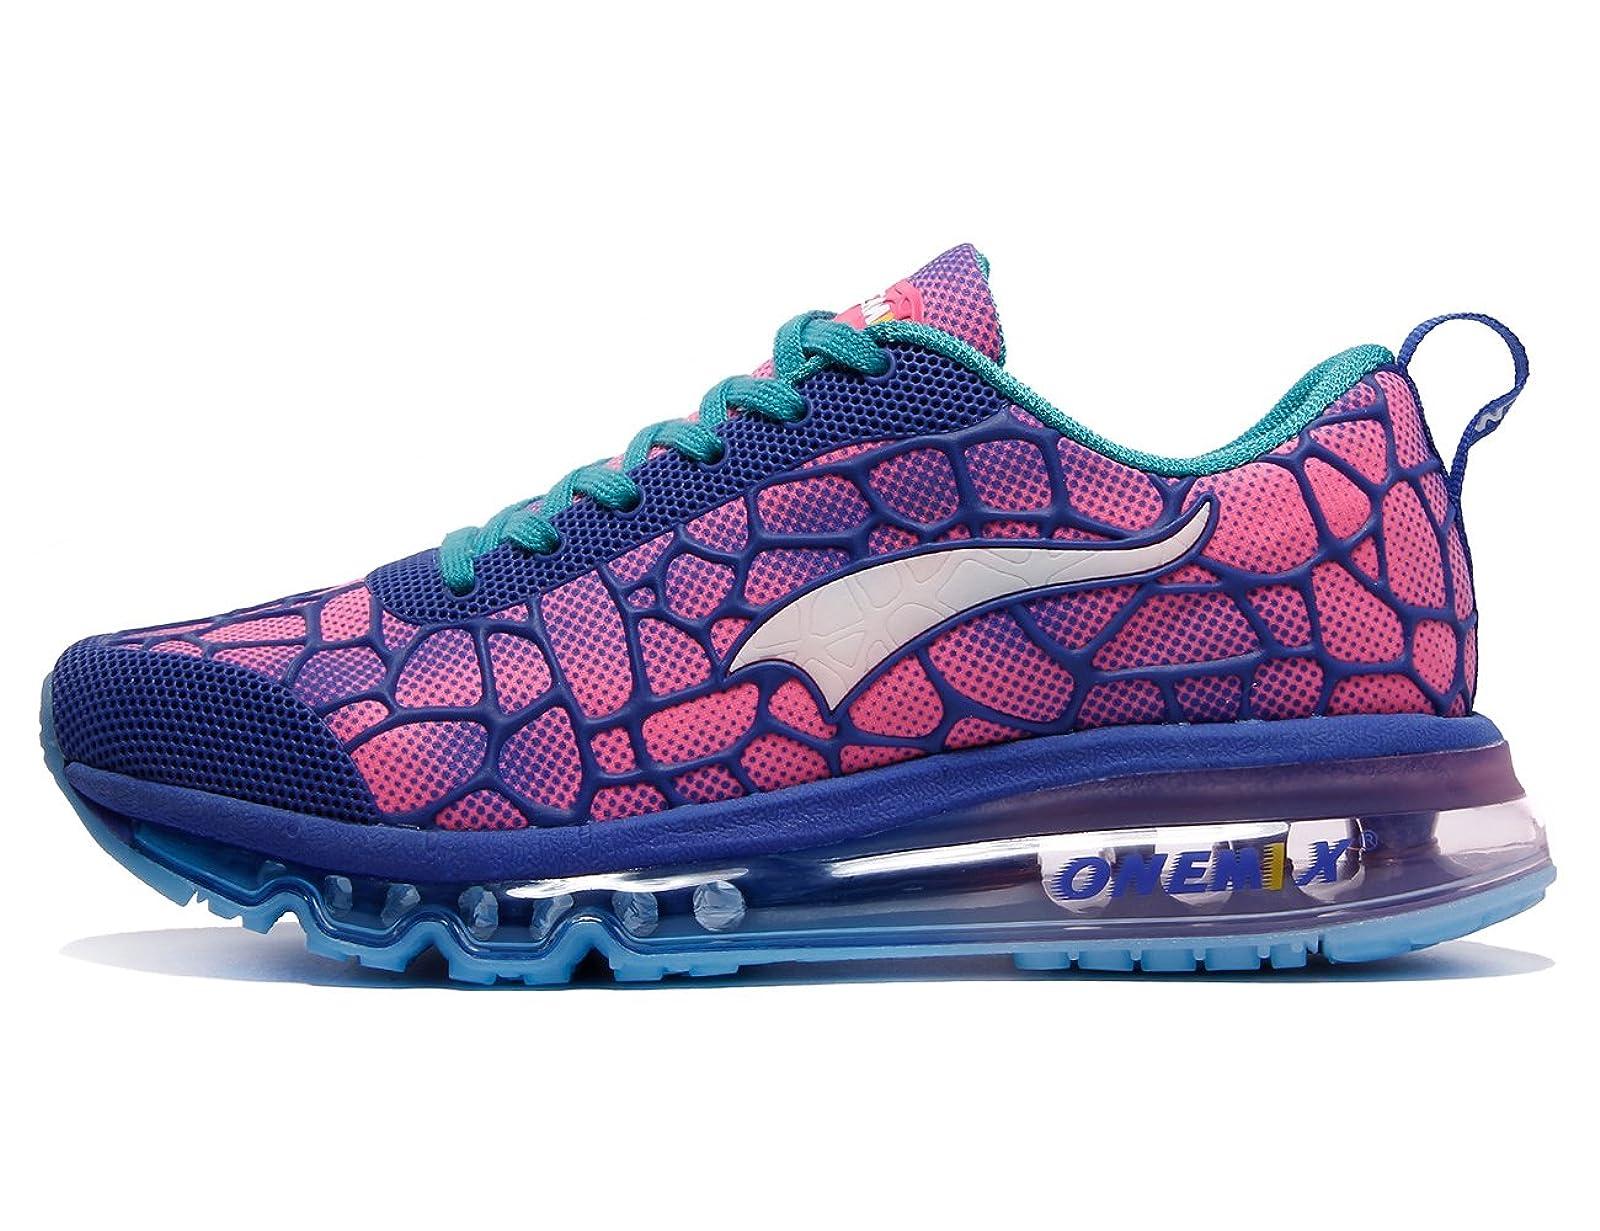 ONEMIX Women's Air Cushiong Running ShoesLightweight W1096 - 7